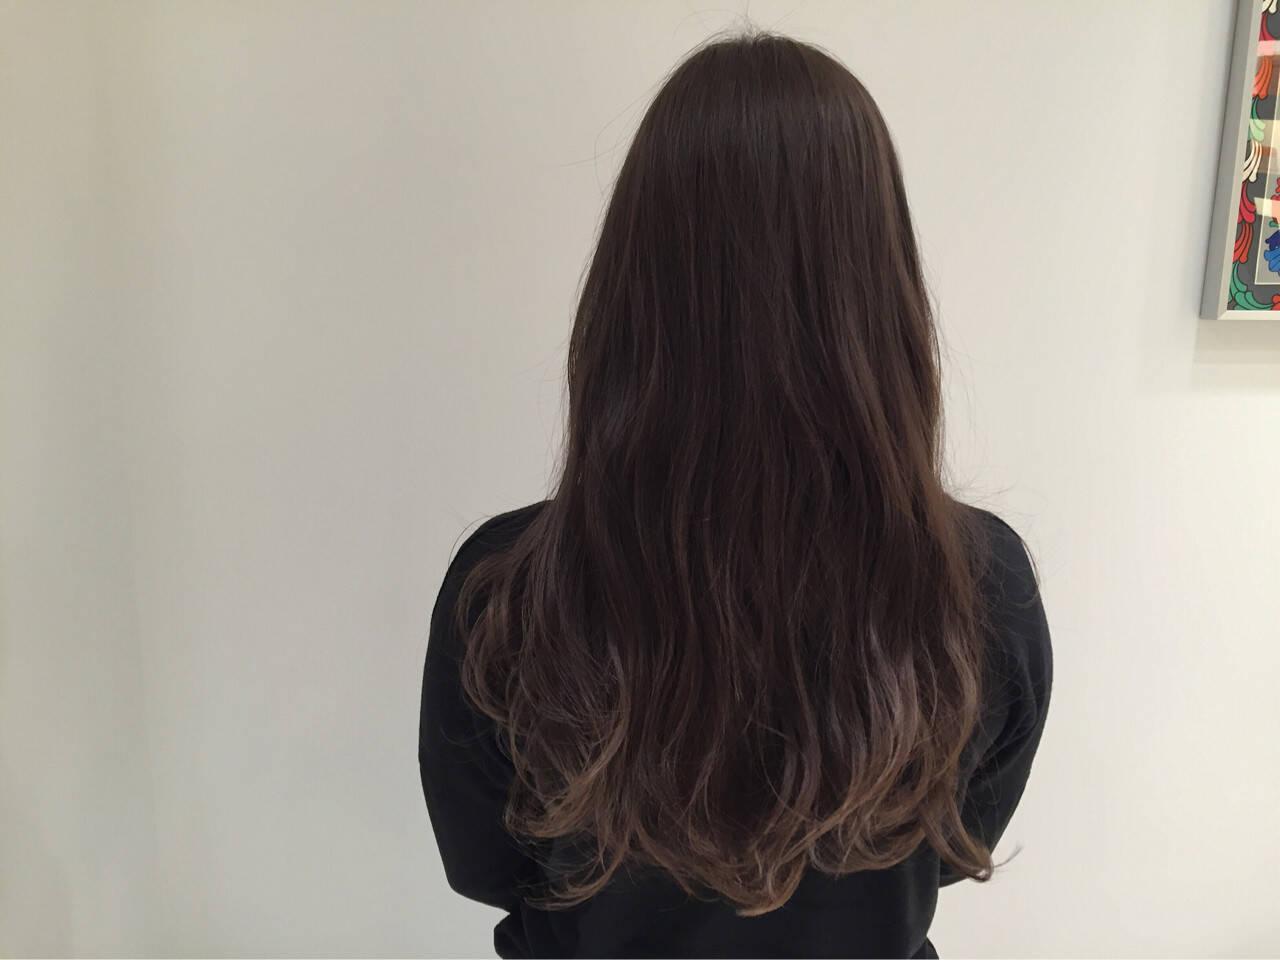 グレージュ ロング ハイライト グラデーションカラーヘアスタイルや髪型の写真・画像